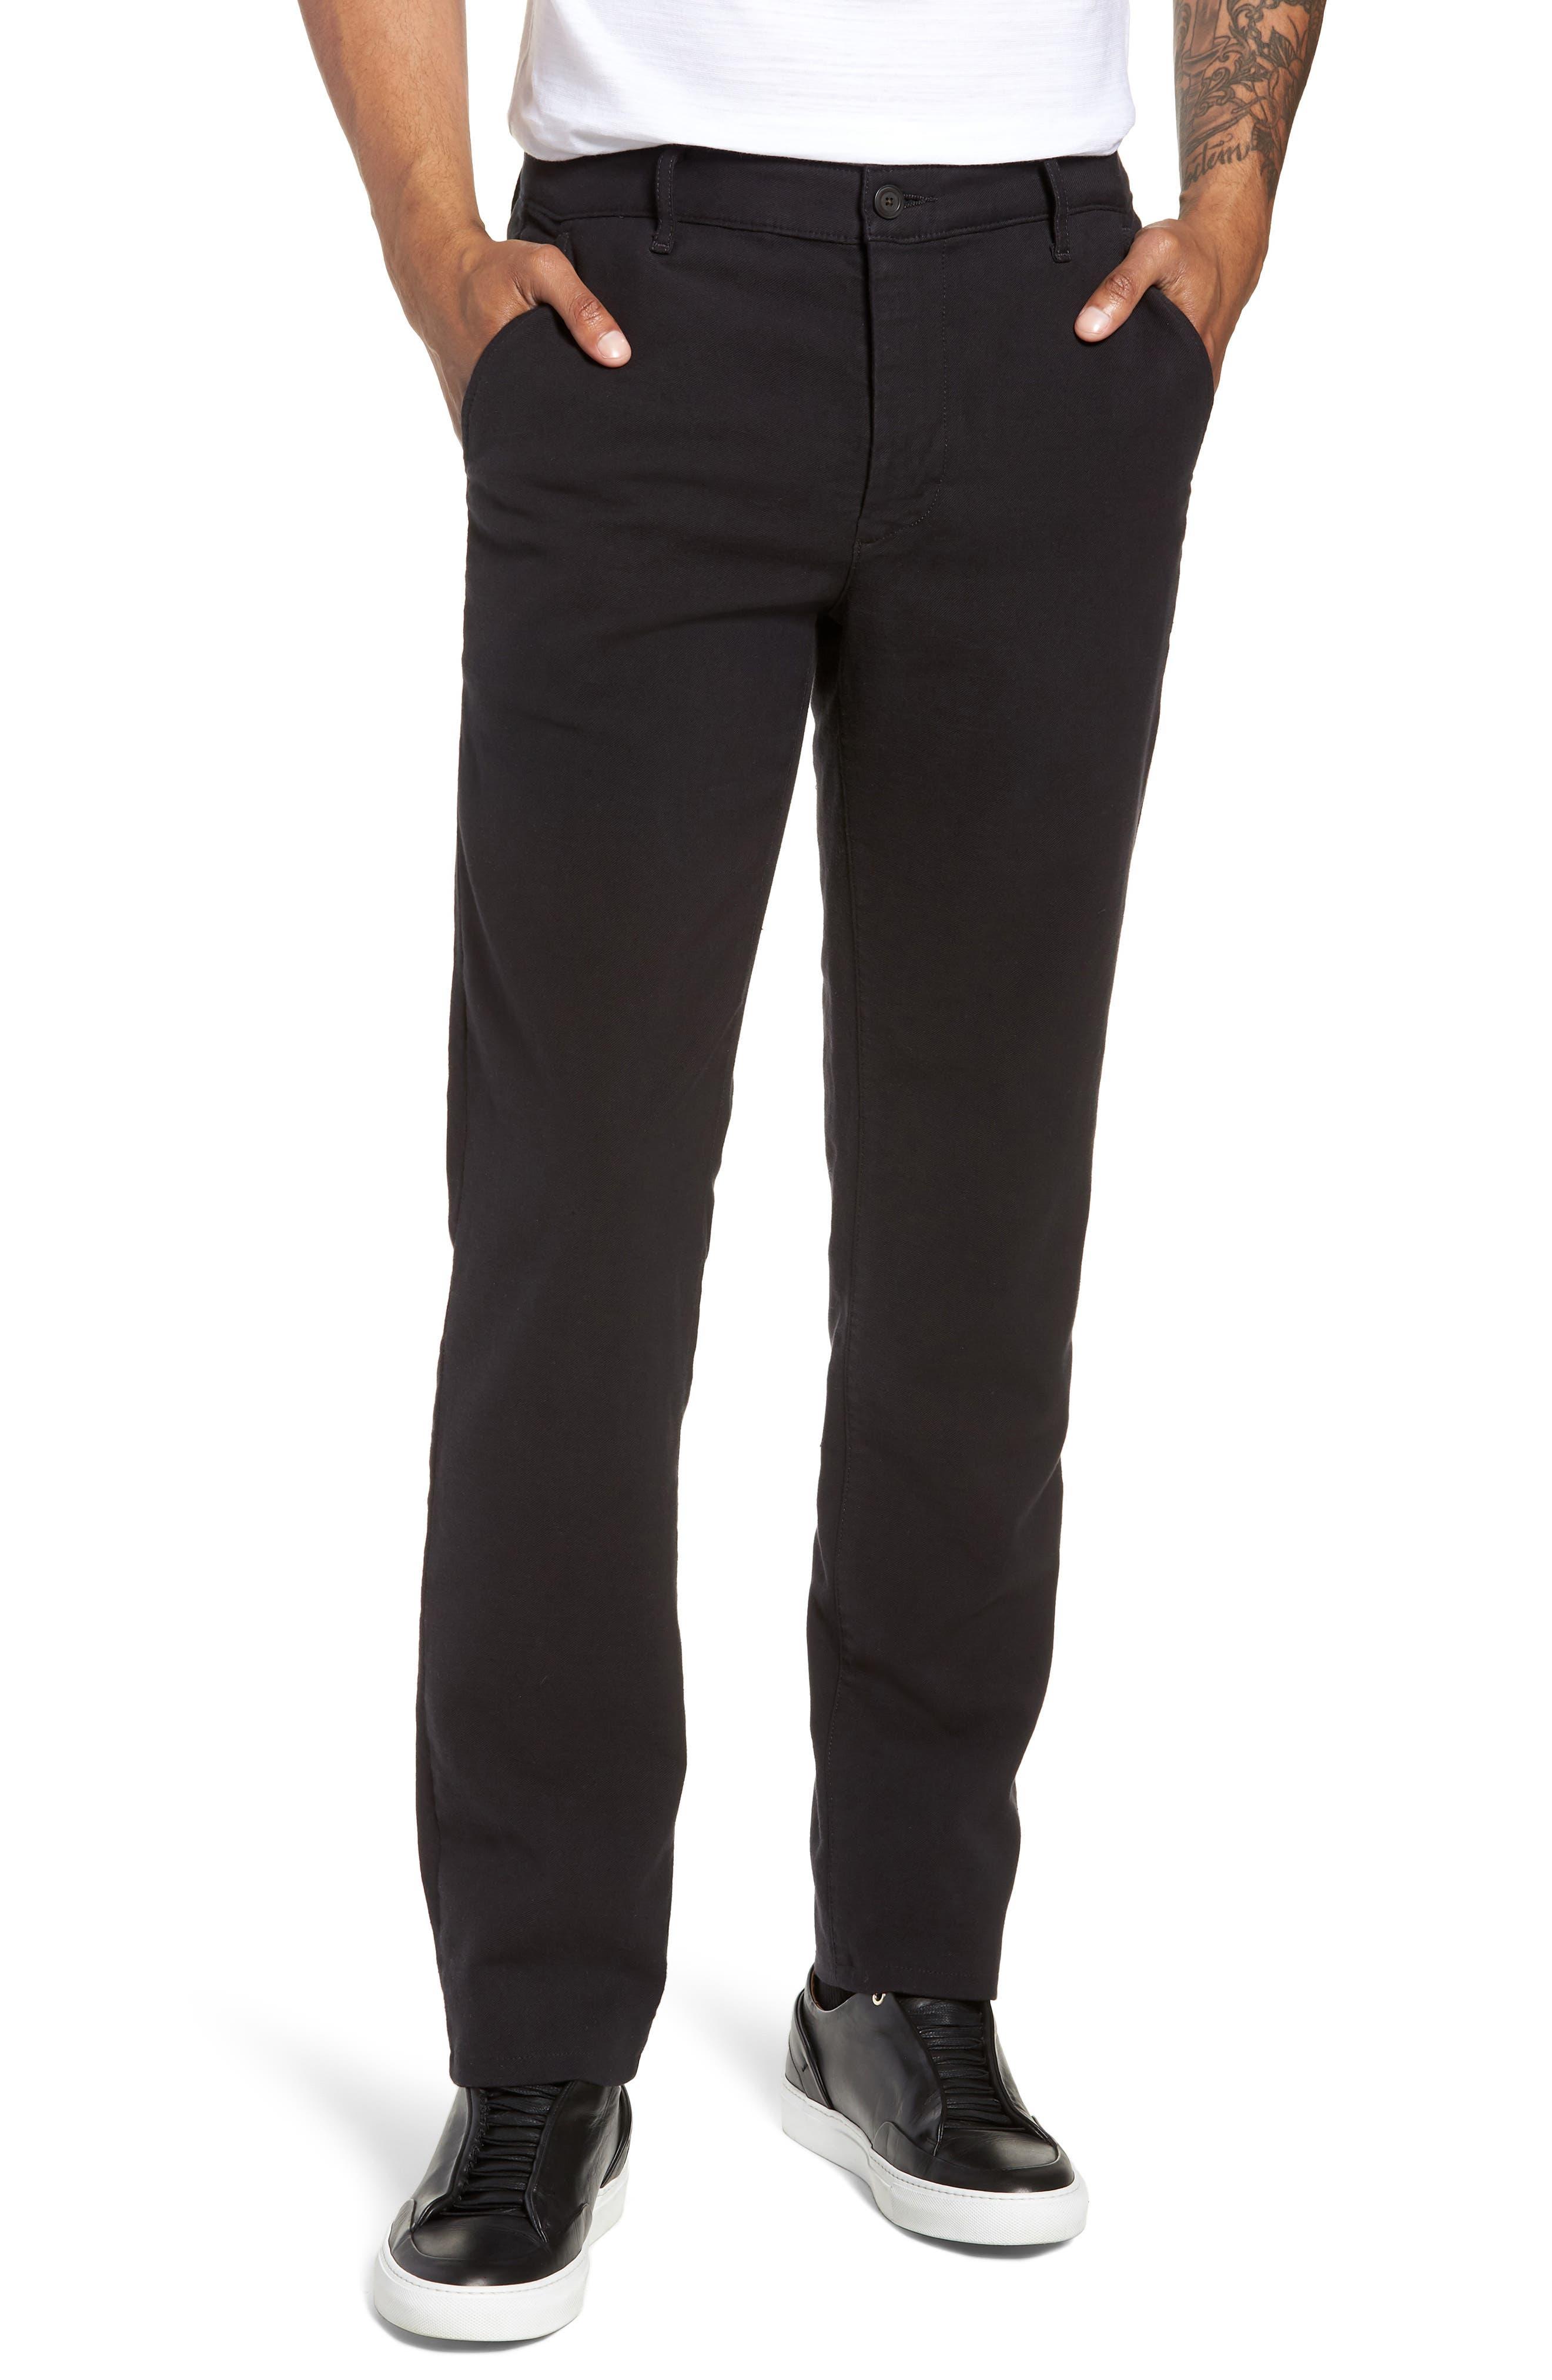 Marshall Slim Fit Chino Pants,                             Main thumbnail 1, color,                             GREY STONE